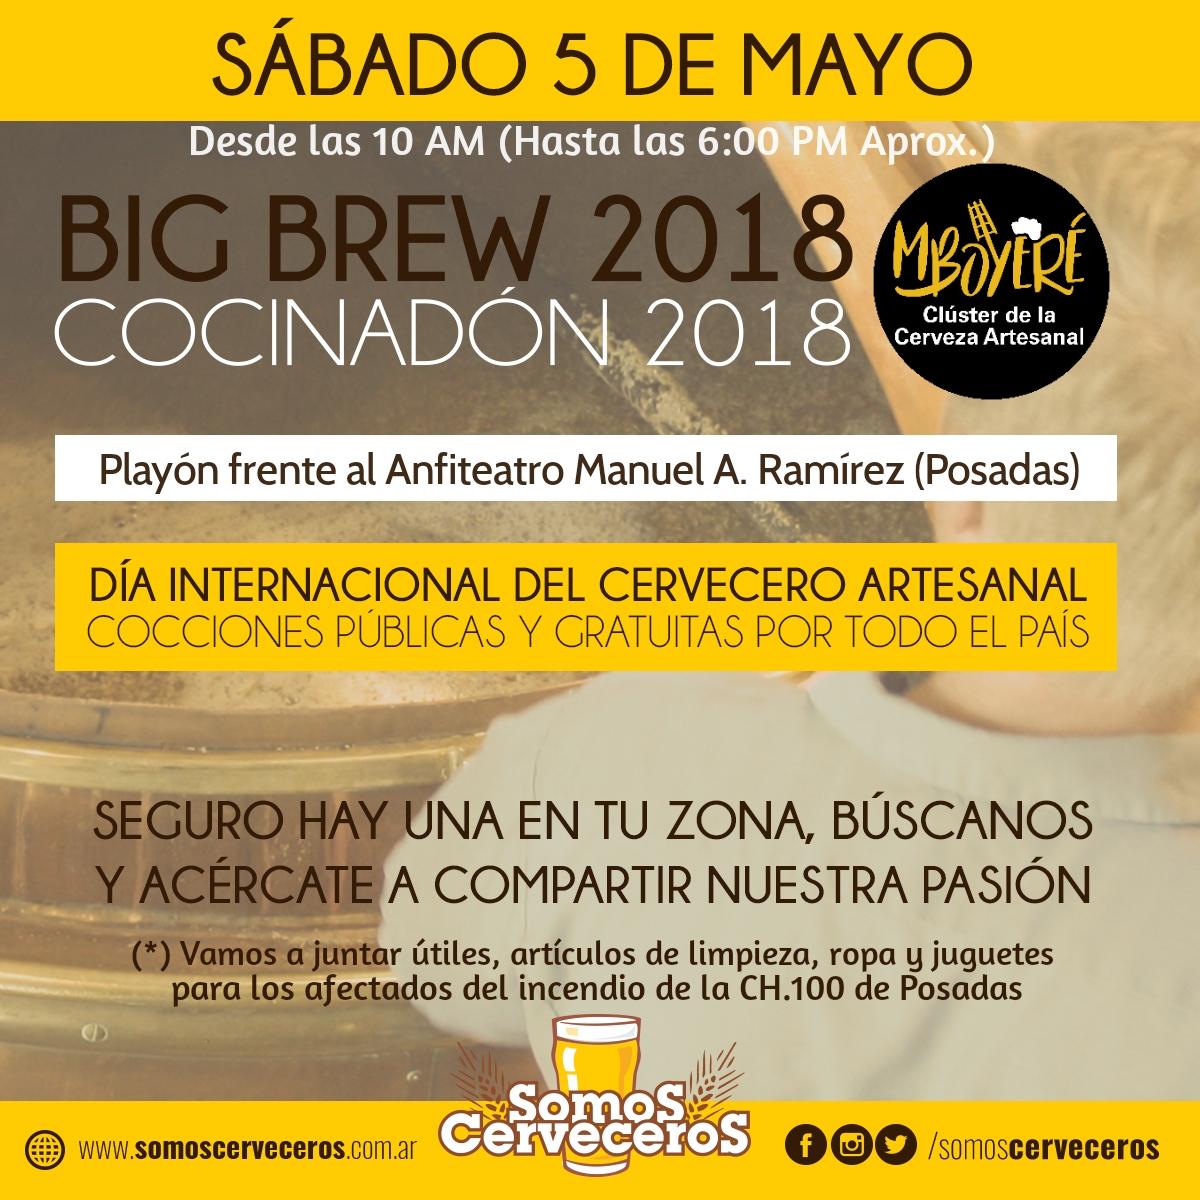 Este sábado podrás disfrutar de la mejor cerveza artesanal en el Parque Paraguayo